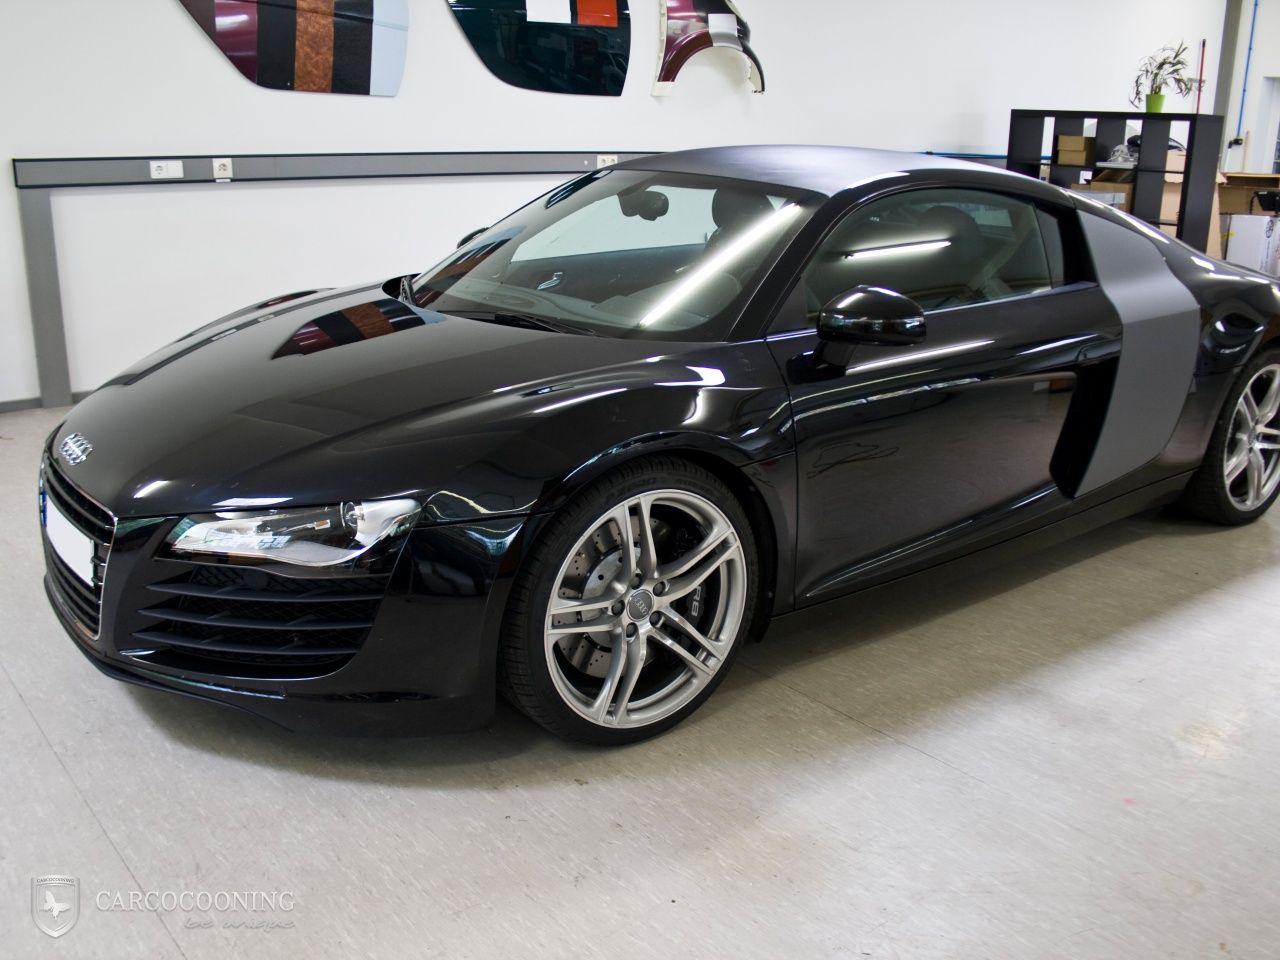 Folierung Eines Audi R8 Audi R8 Audi Folierung